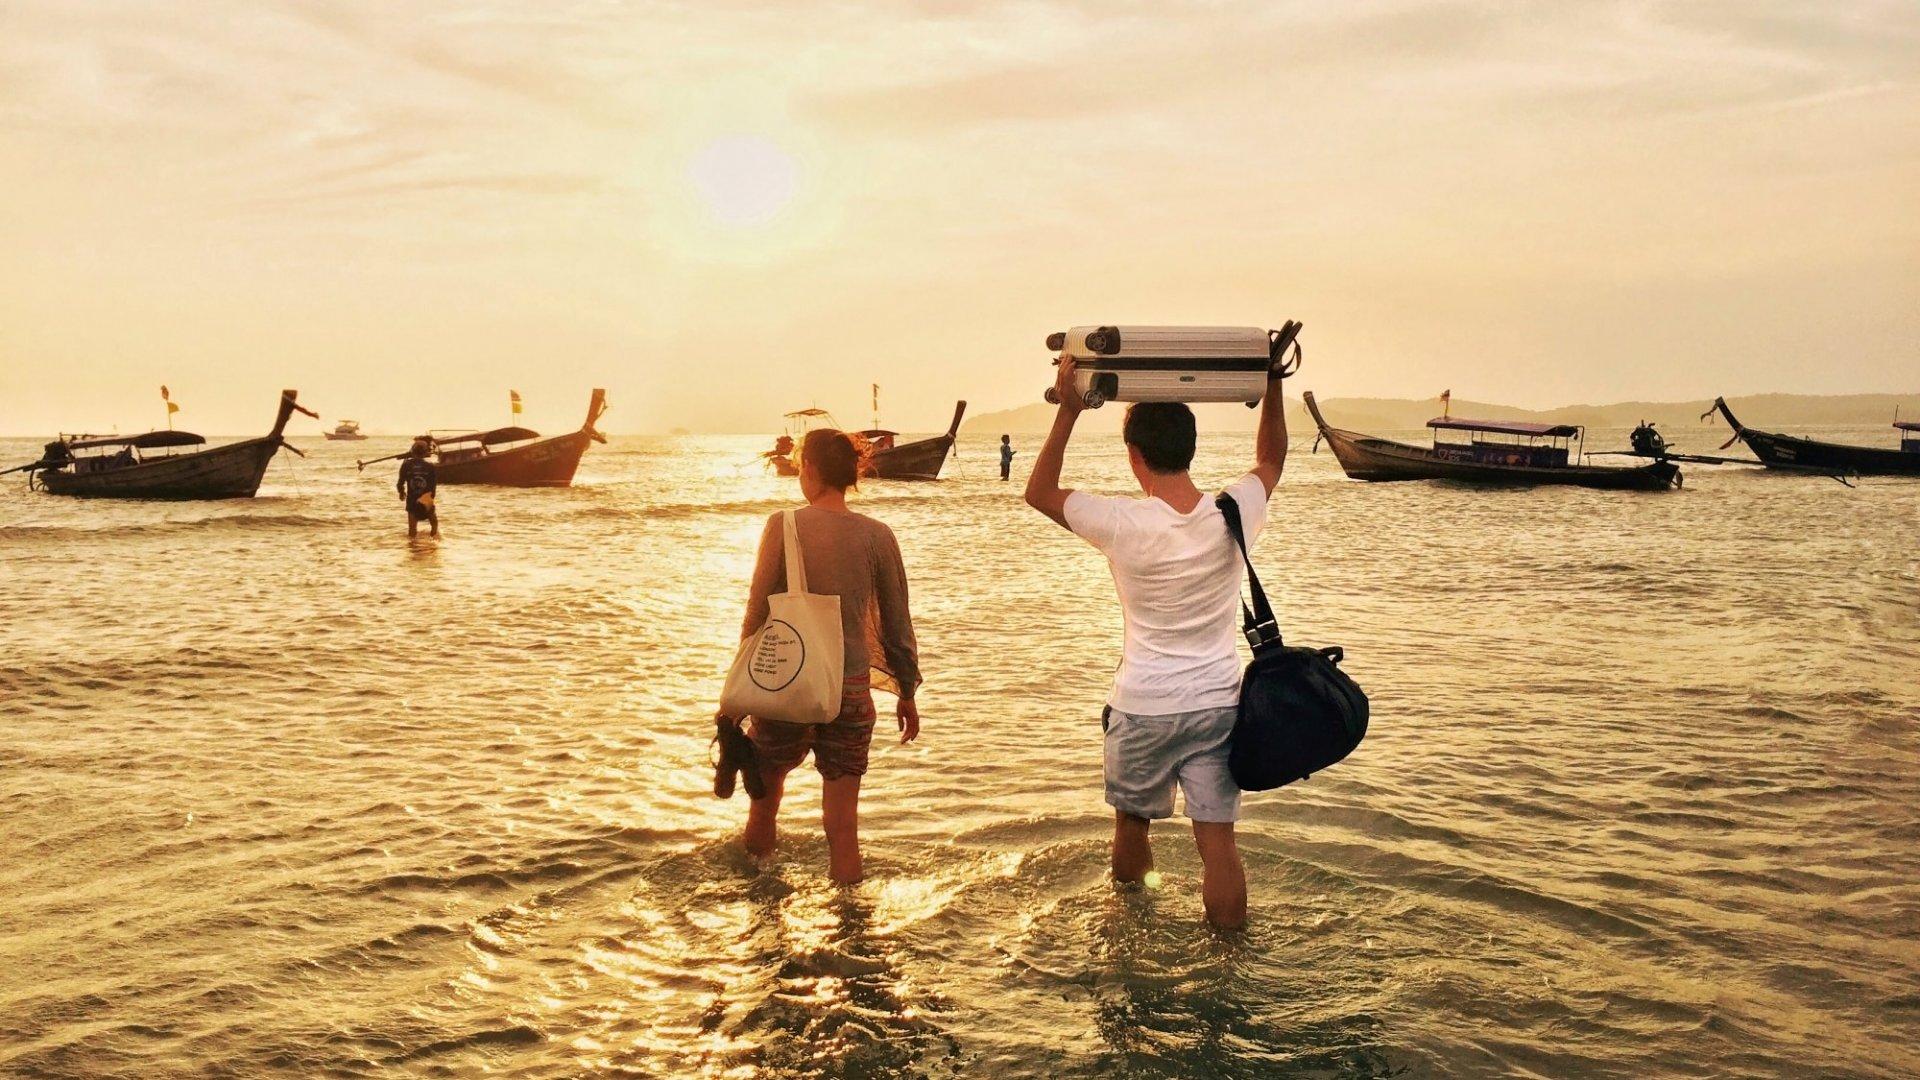 3 Smart Ways to Market Travel to Millennials